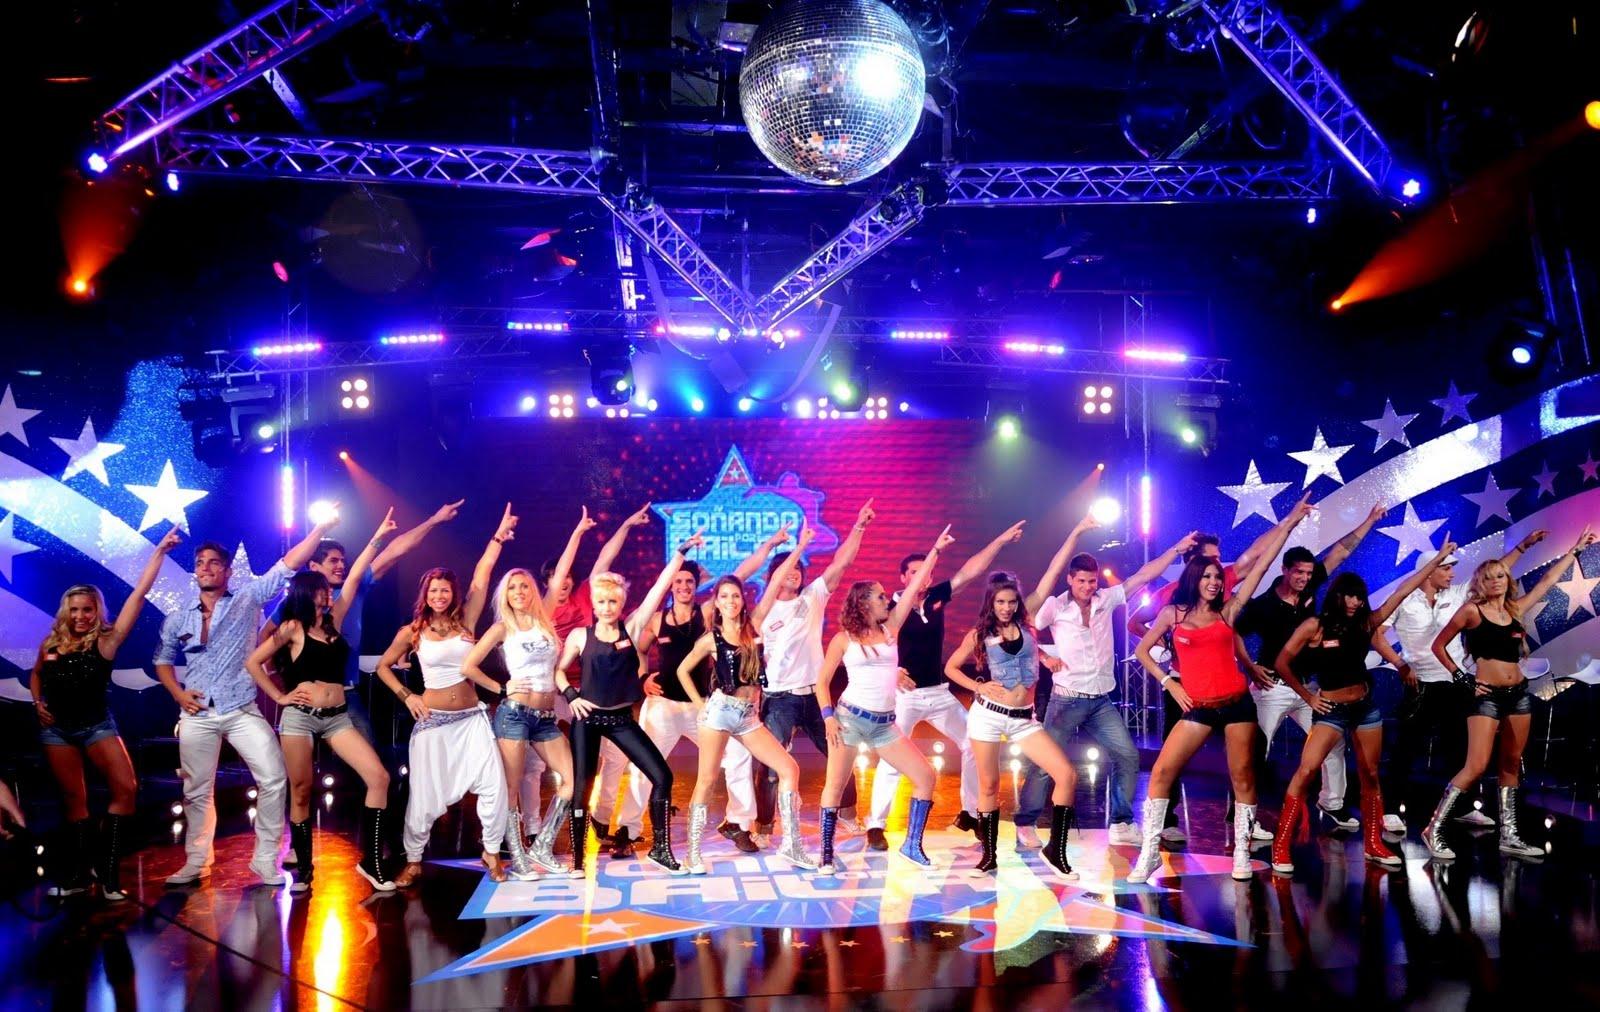 Soñando Por Bailar 2